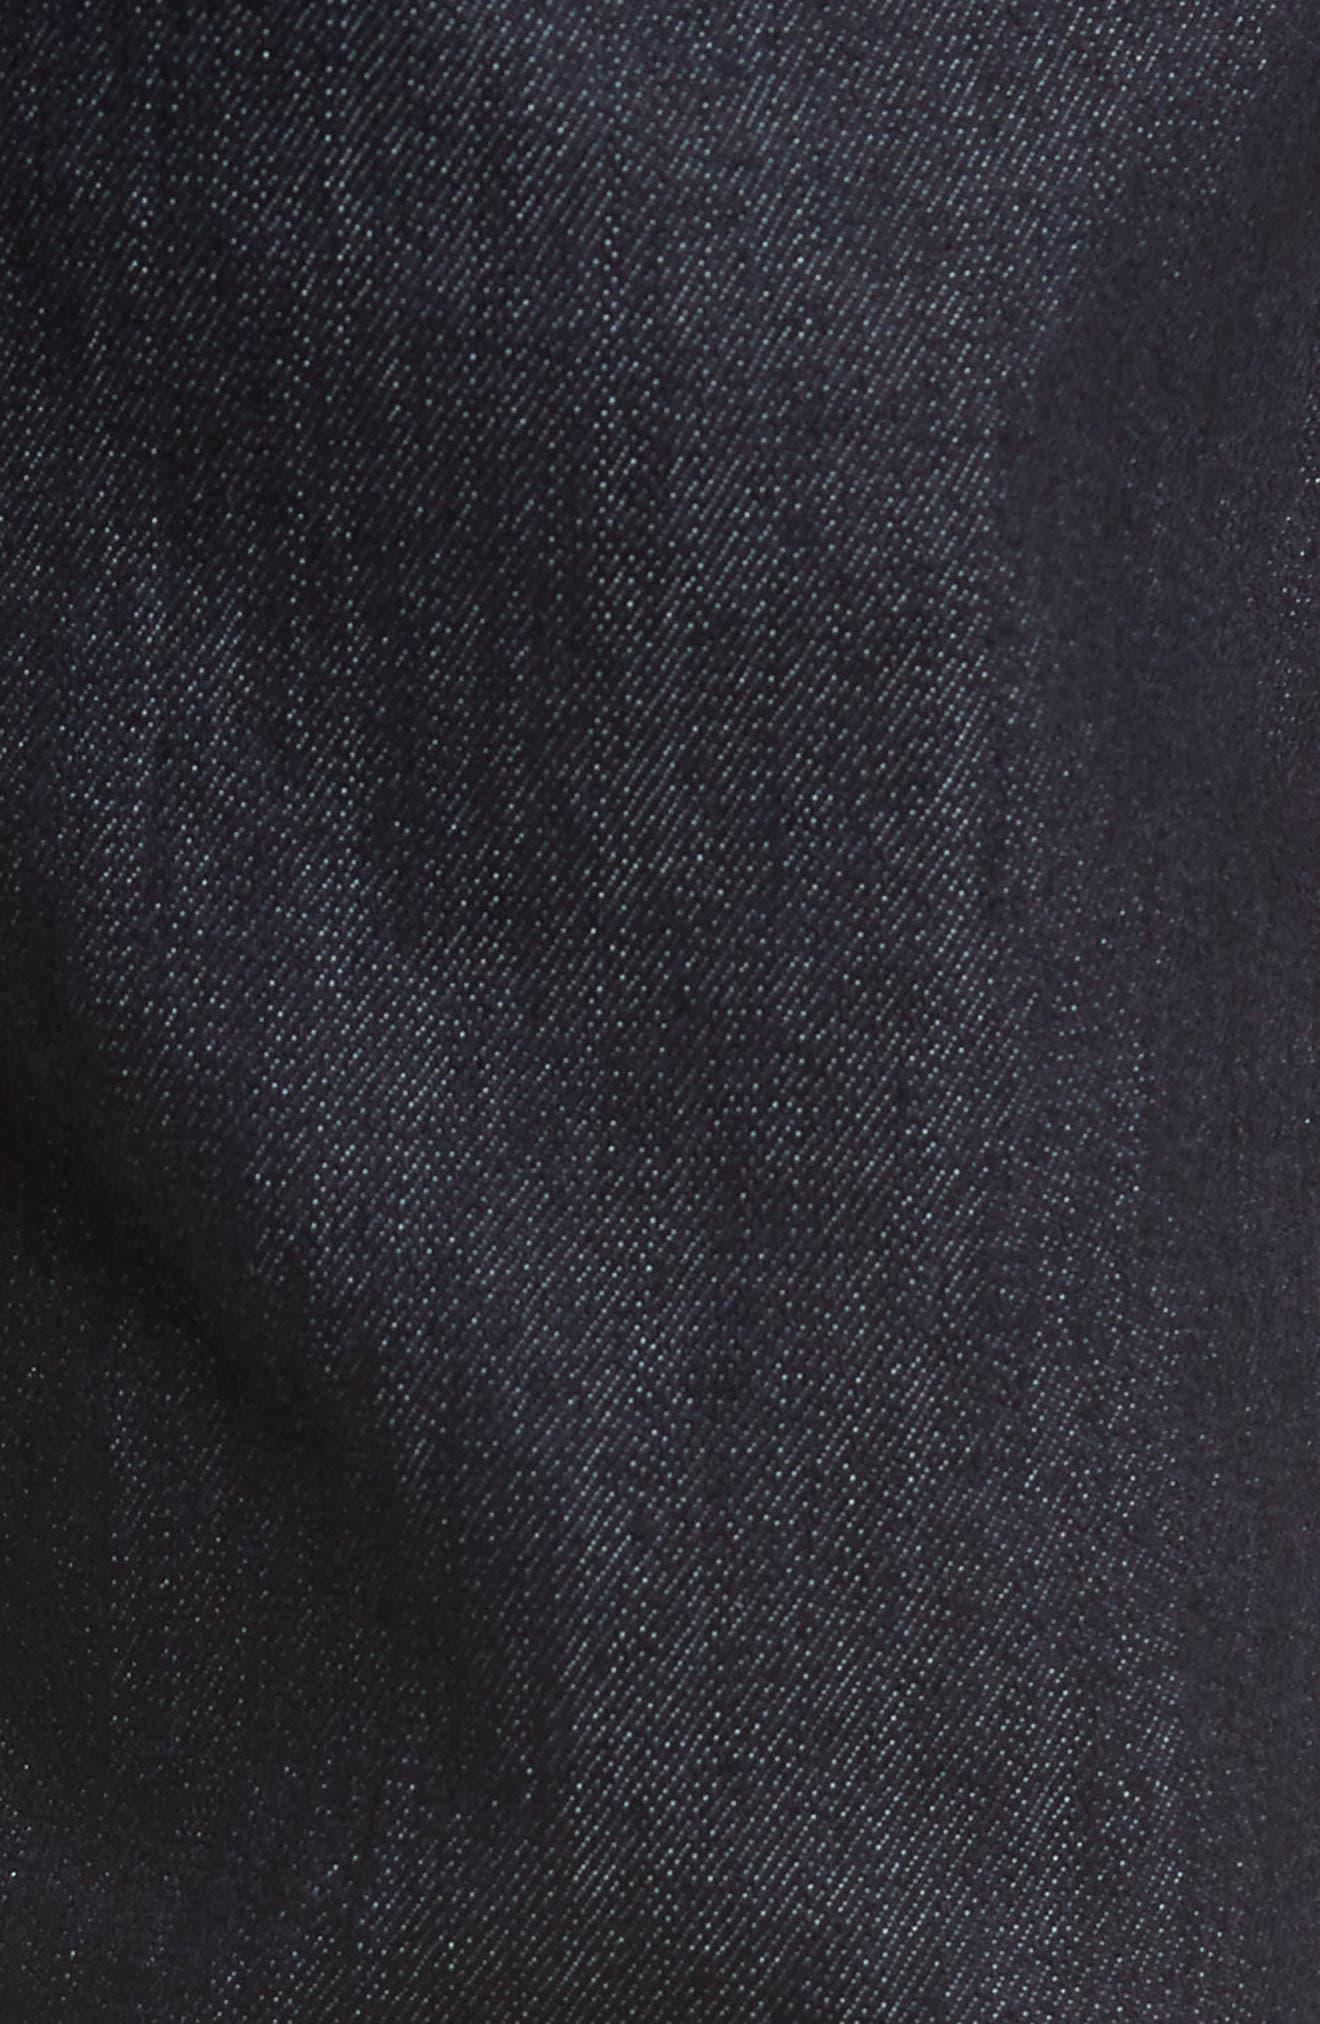 Adrien Slim Fit Jeans,                             Alternate thumbnail 5, color,                             404